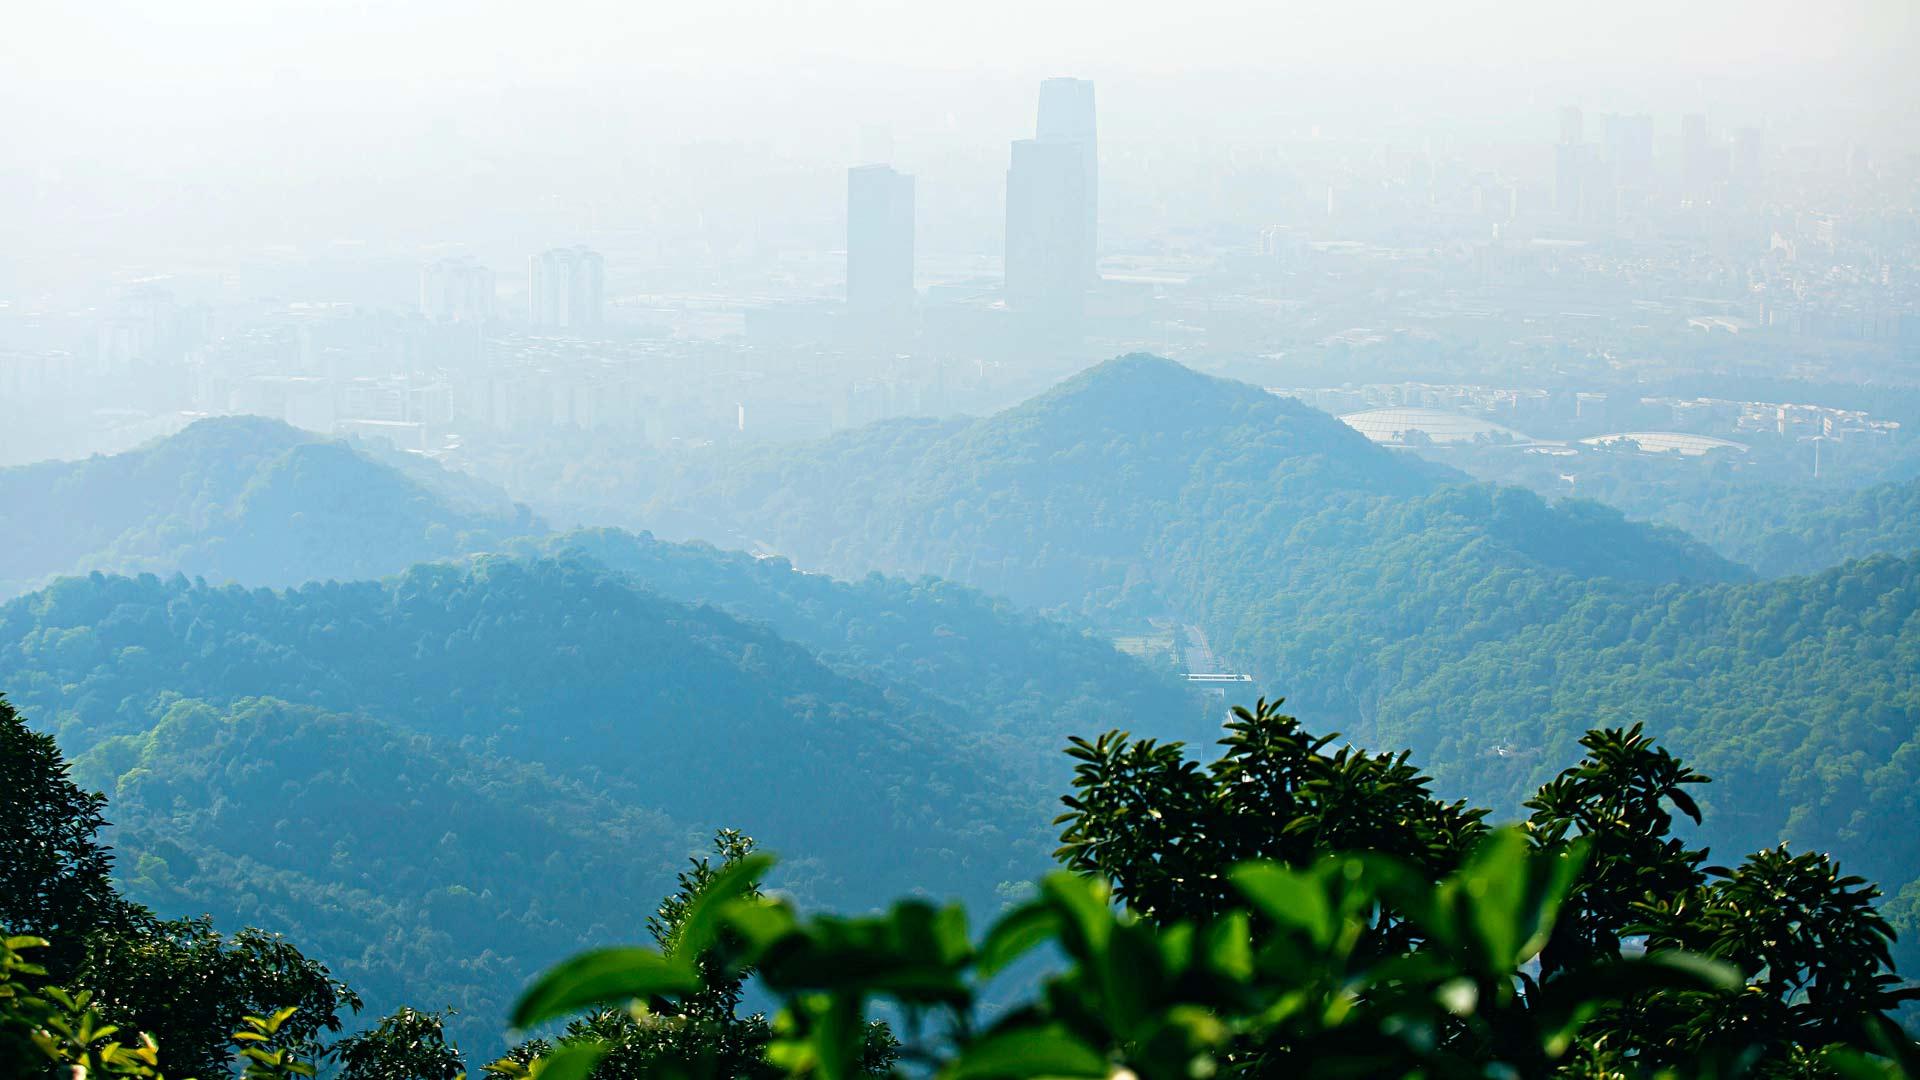 Baiyun-vuoren näkymät ovat usein melko usvaiset. Silti sen huippu on ollut suosittu patikointikohde jo parin tuhannen vuoden ajan.